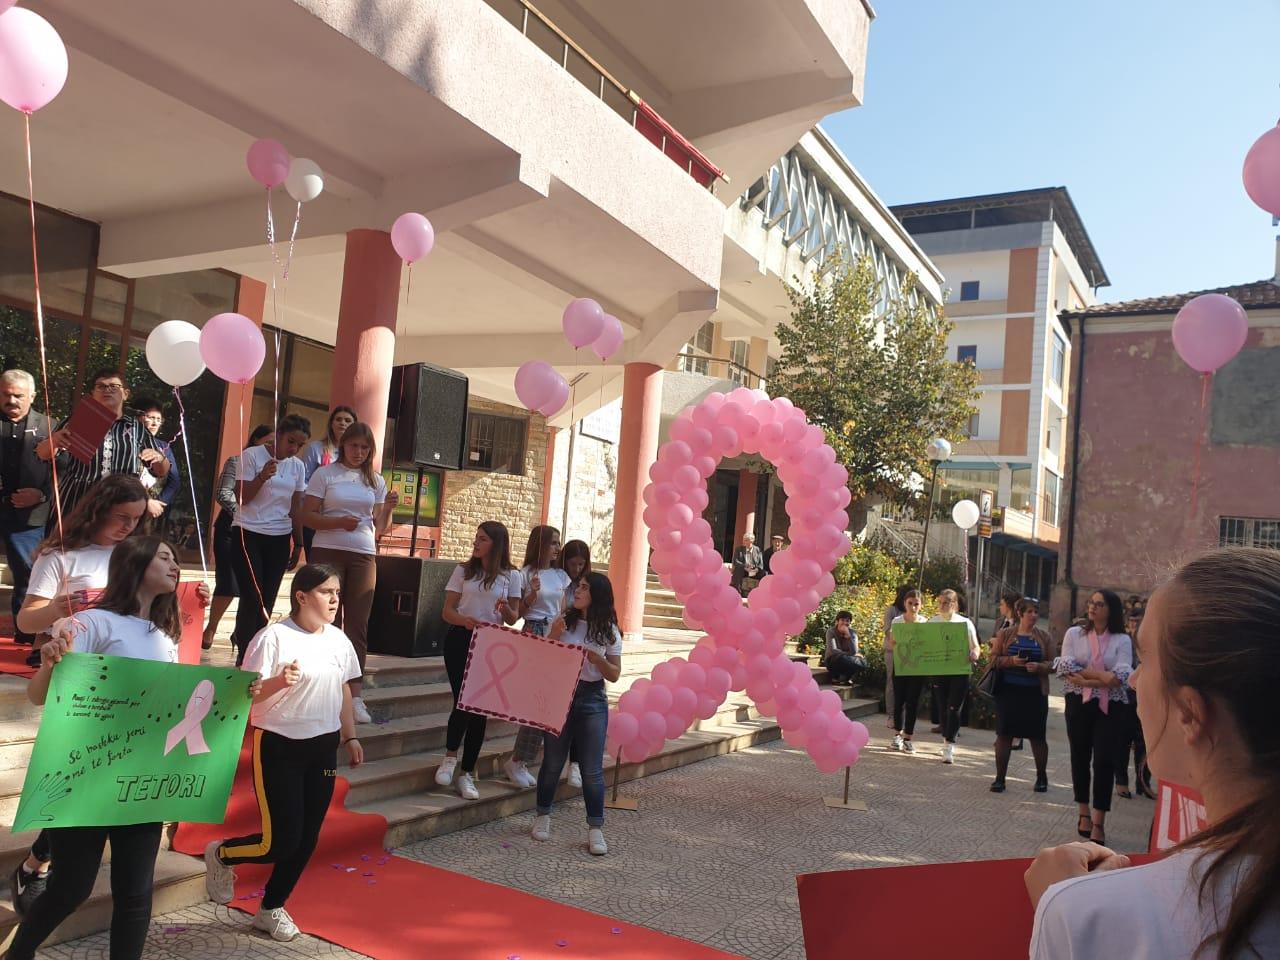 dita e kancerit te gjirit5